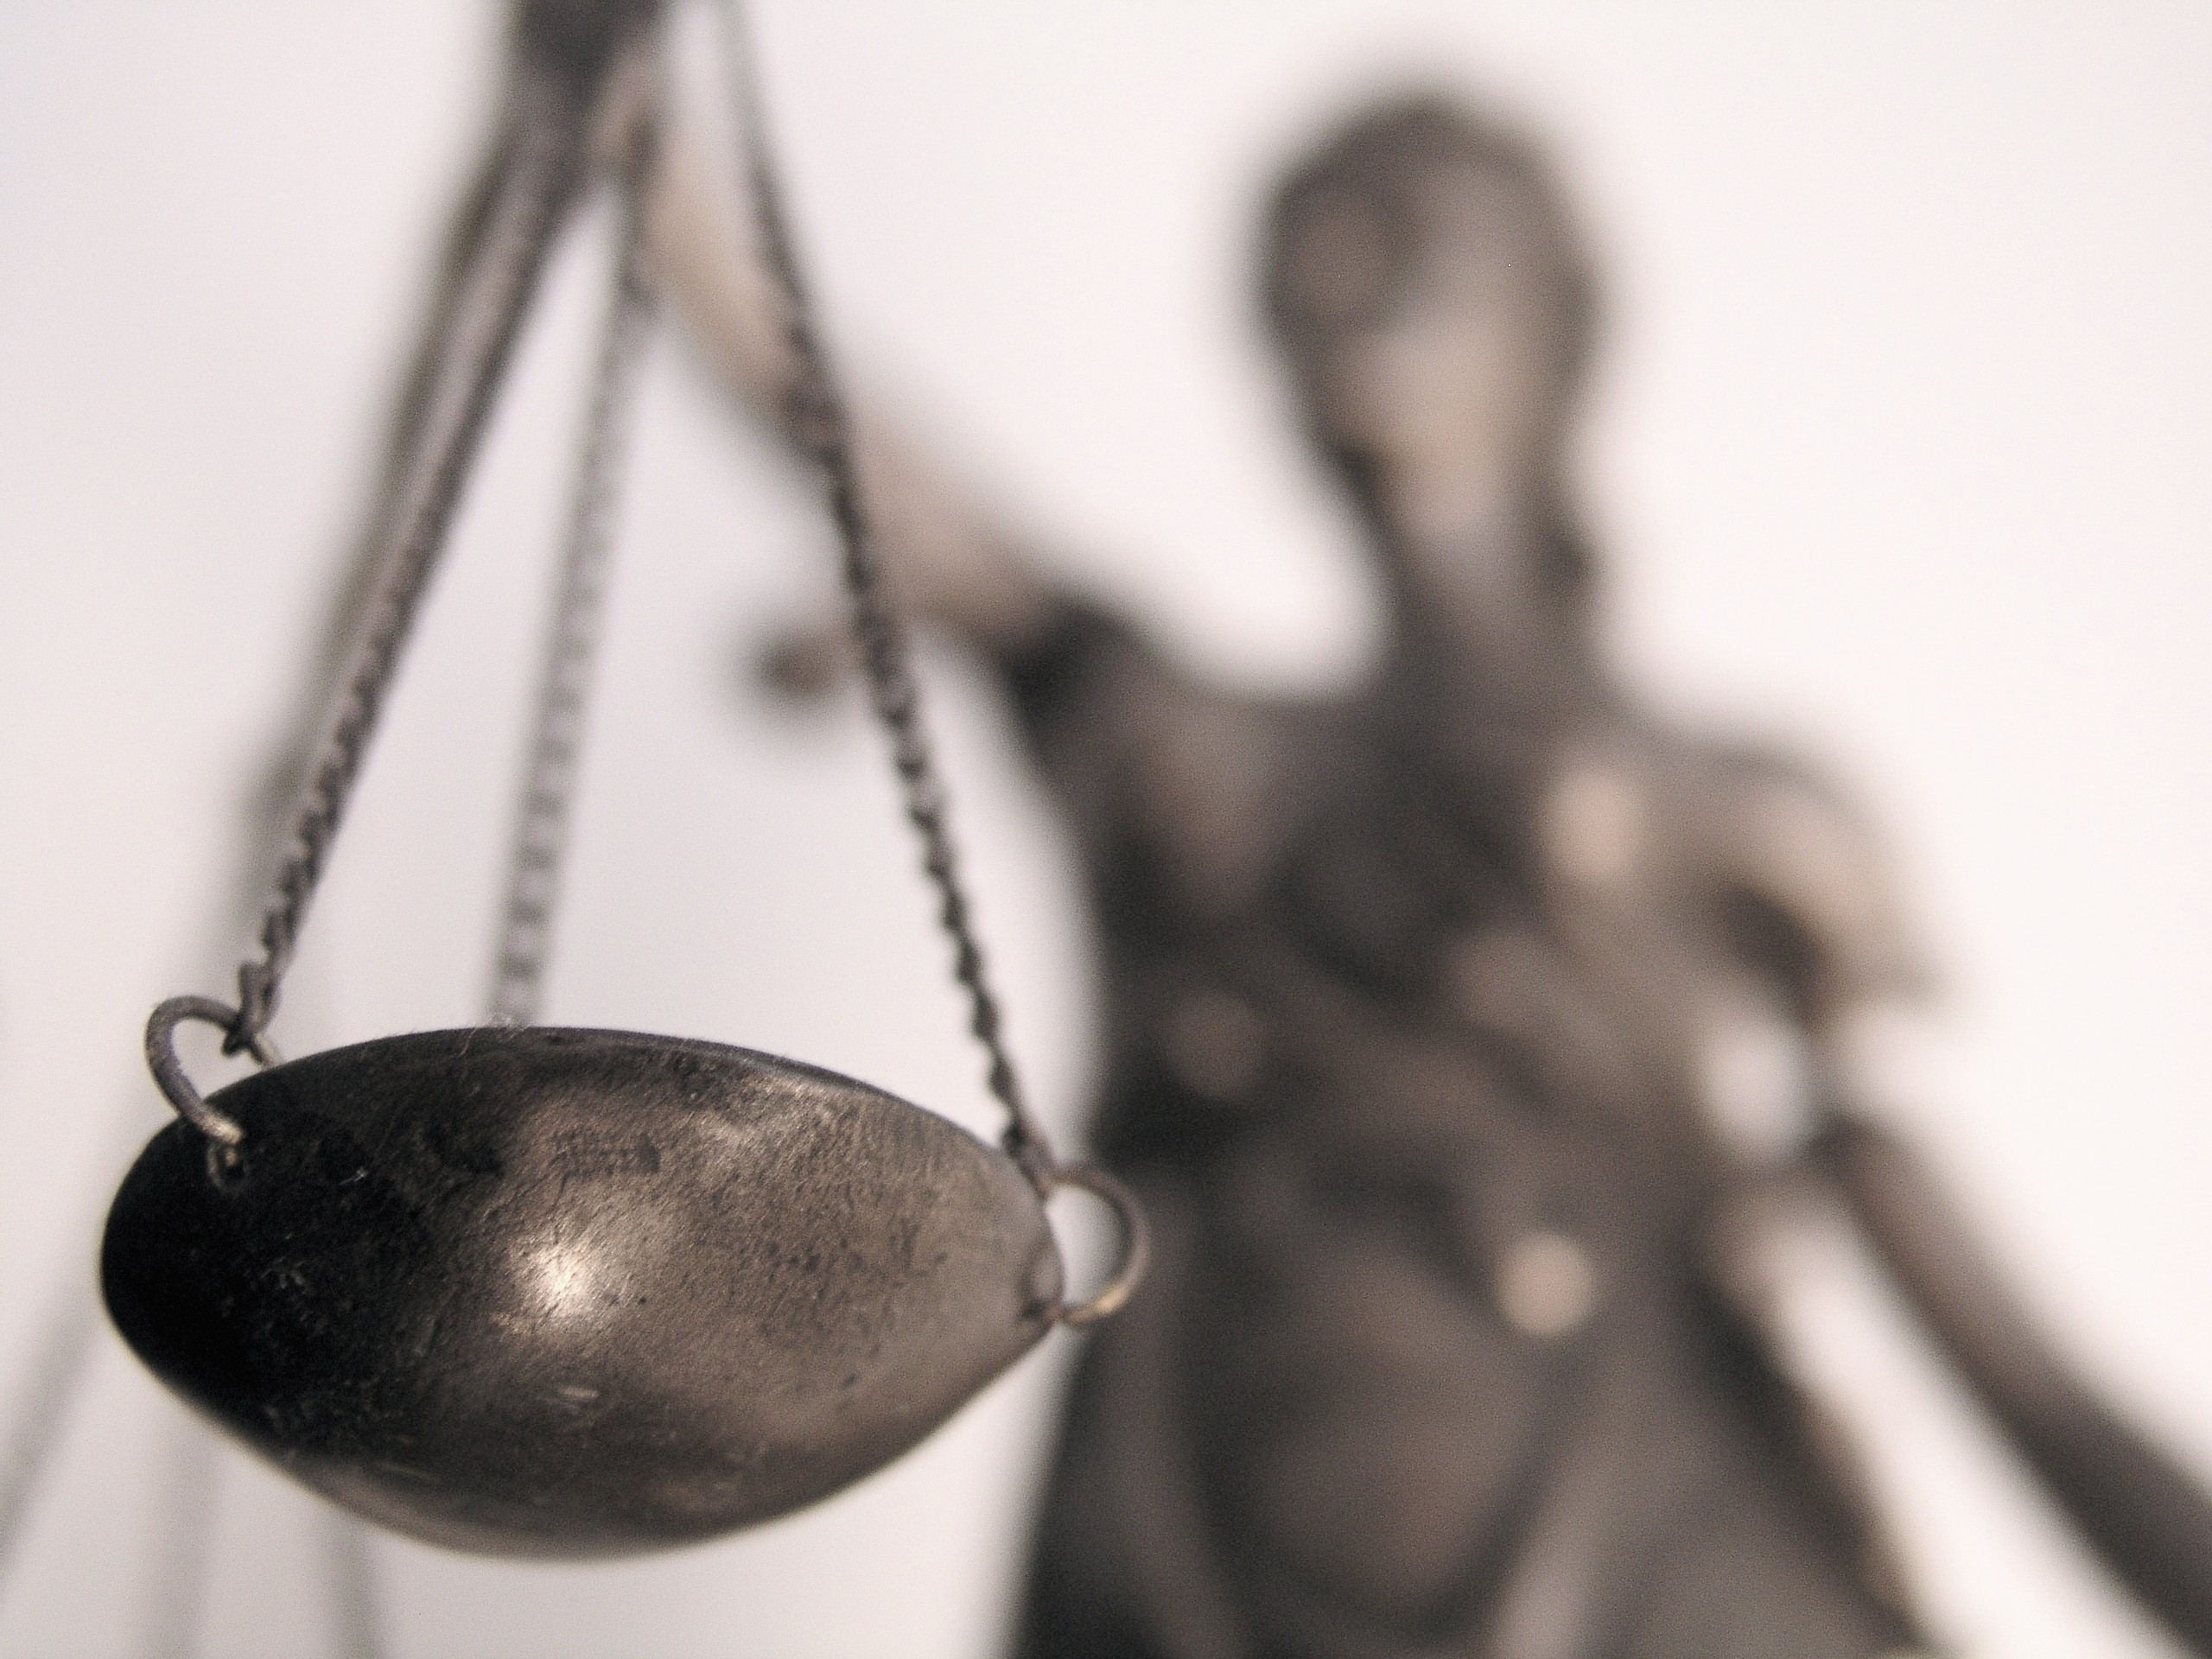 Das Foto zeigt eine Waagschale einer Justitia, dem Sinnbild für Recht und Gerechtigkeit, die Justitia ist im Hintergrund verschwommen und unscharf zu erkennen.